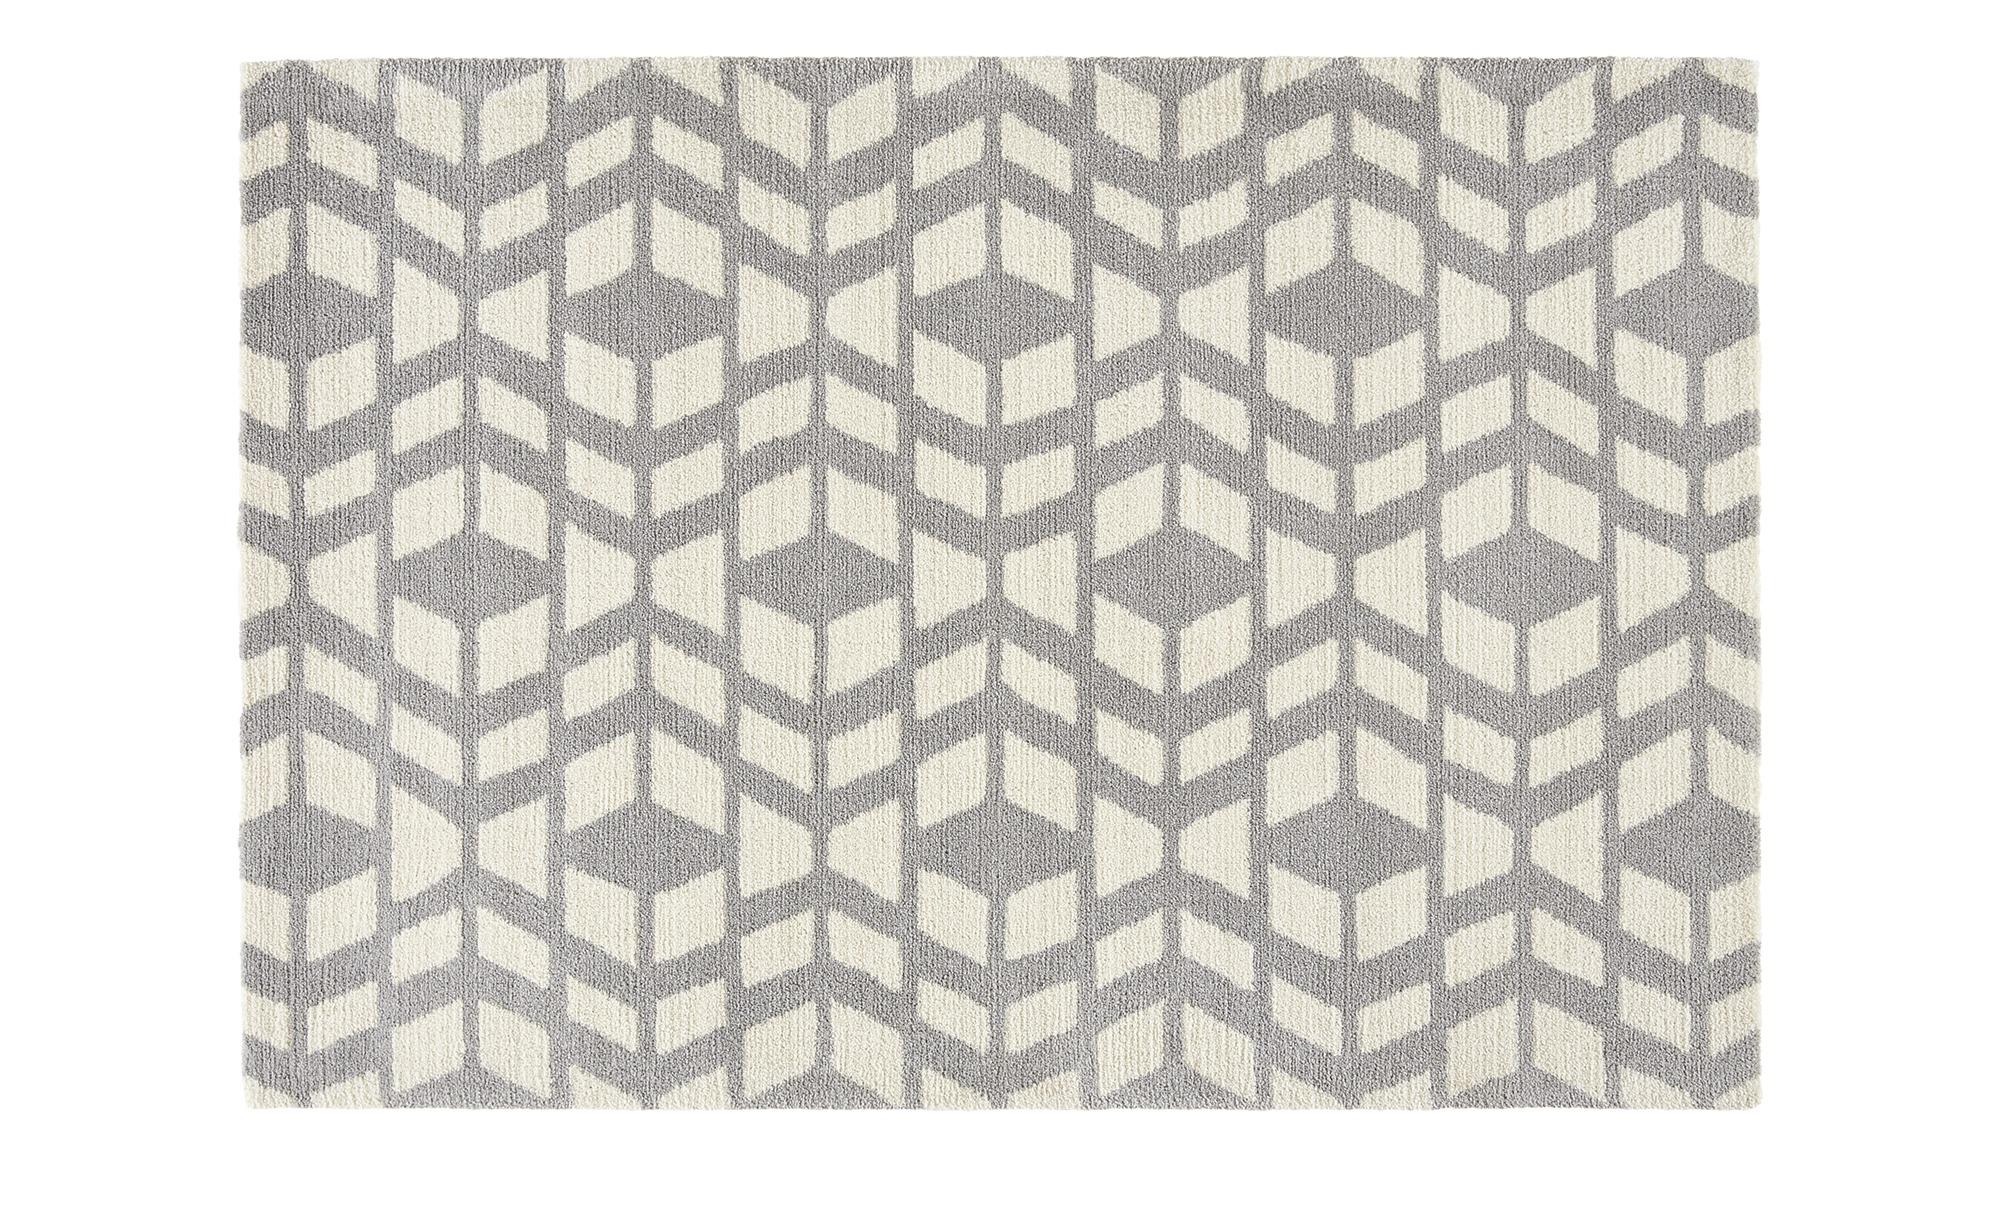 Webteppich  Fjord ¦ grau ¦ 60% Polyester, 40% Polypropylen ¦ Maße (cm): B: 160 Teppiche > Wohnteppiche - Höffner